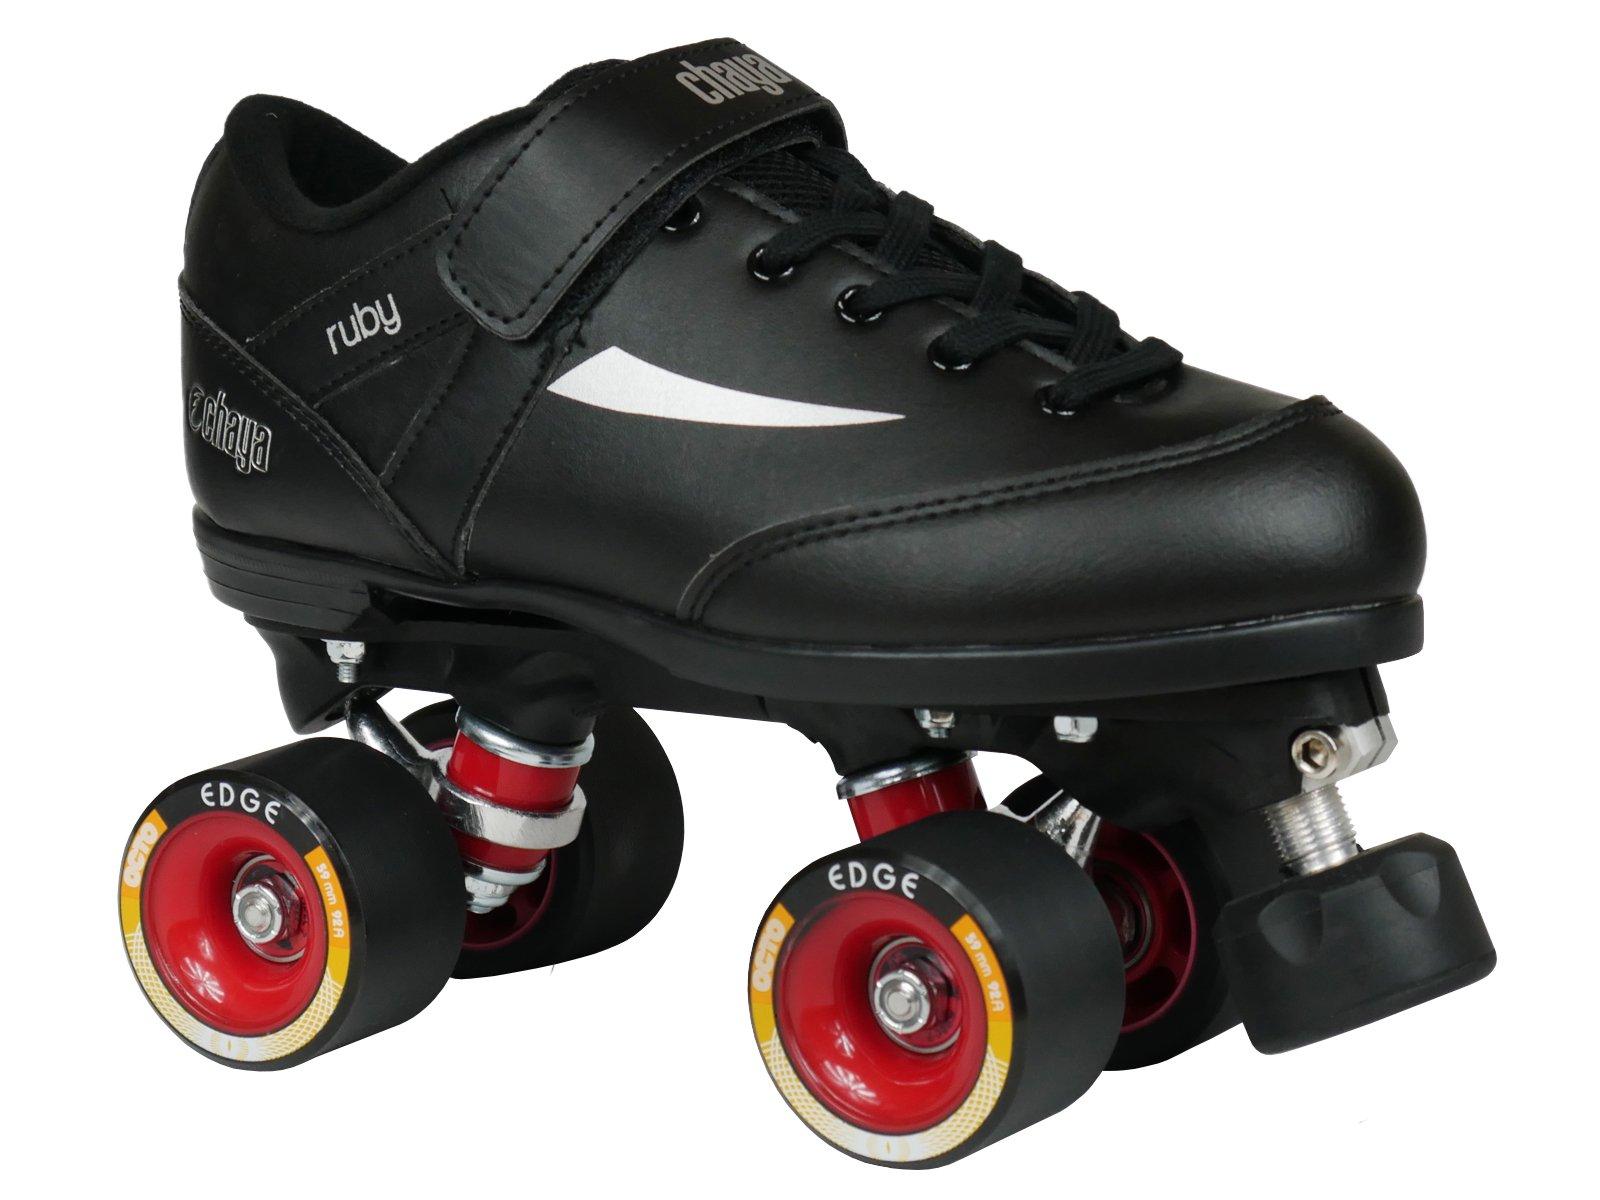 Chaya Ruby Hard Black Quad Derby Roller Skate (EU 36 / US 4)